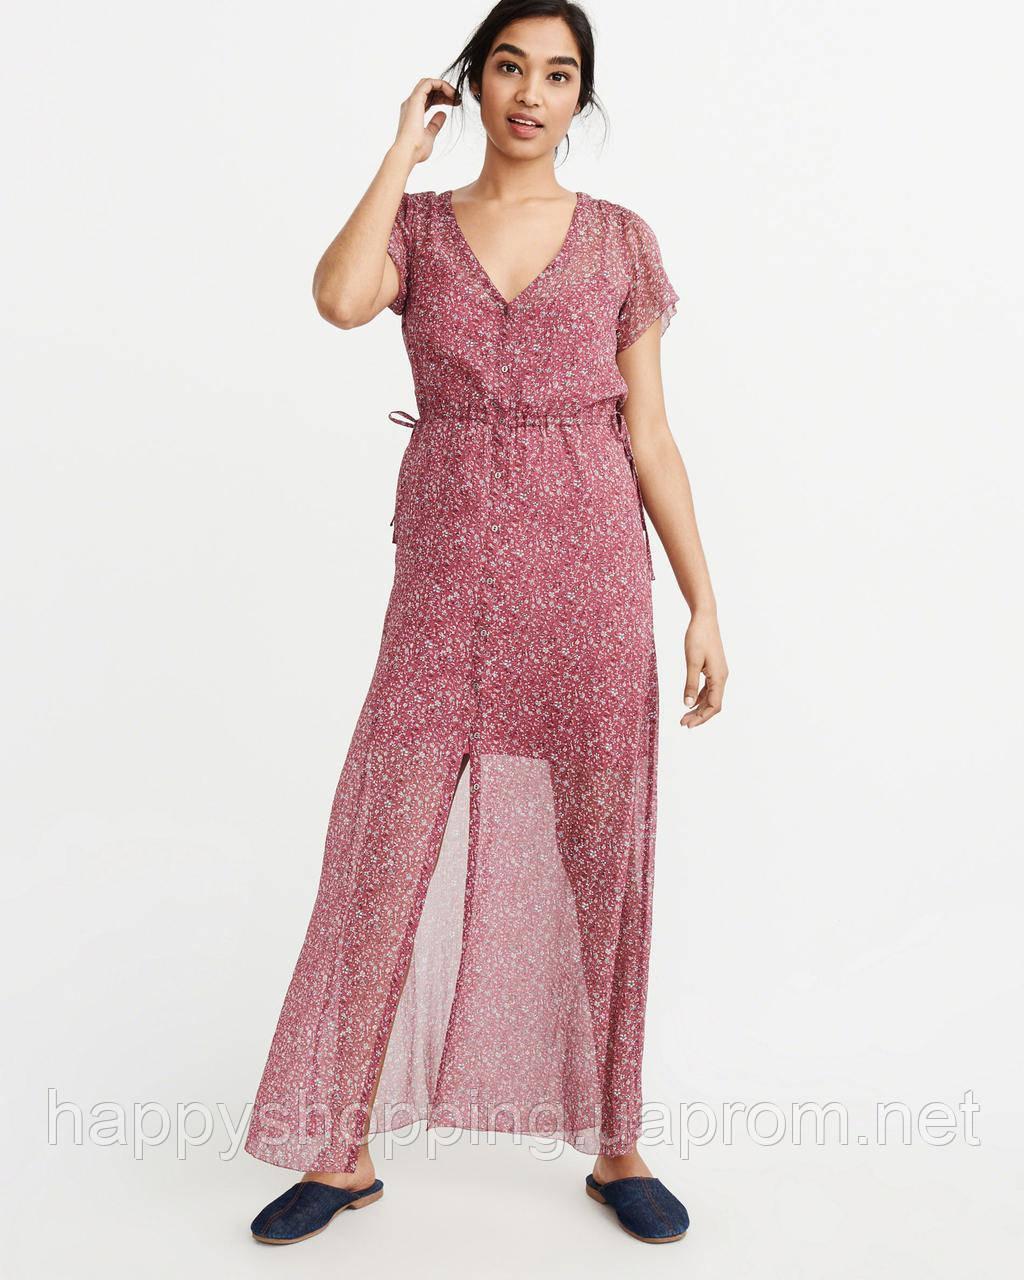 Женское бордовое макси платье на пуговицах  с цветочным принтом Abercrombie & Fitch